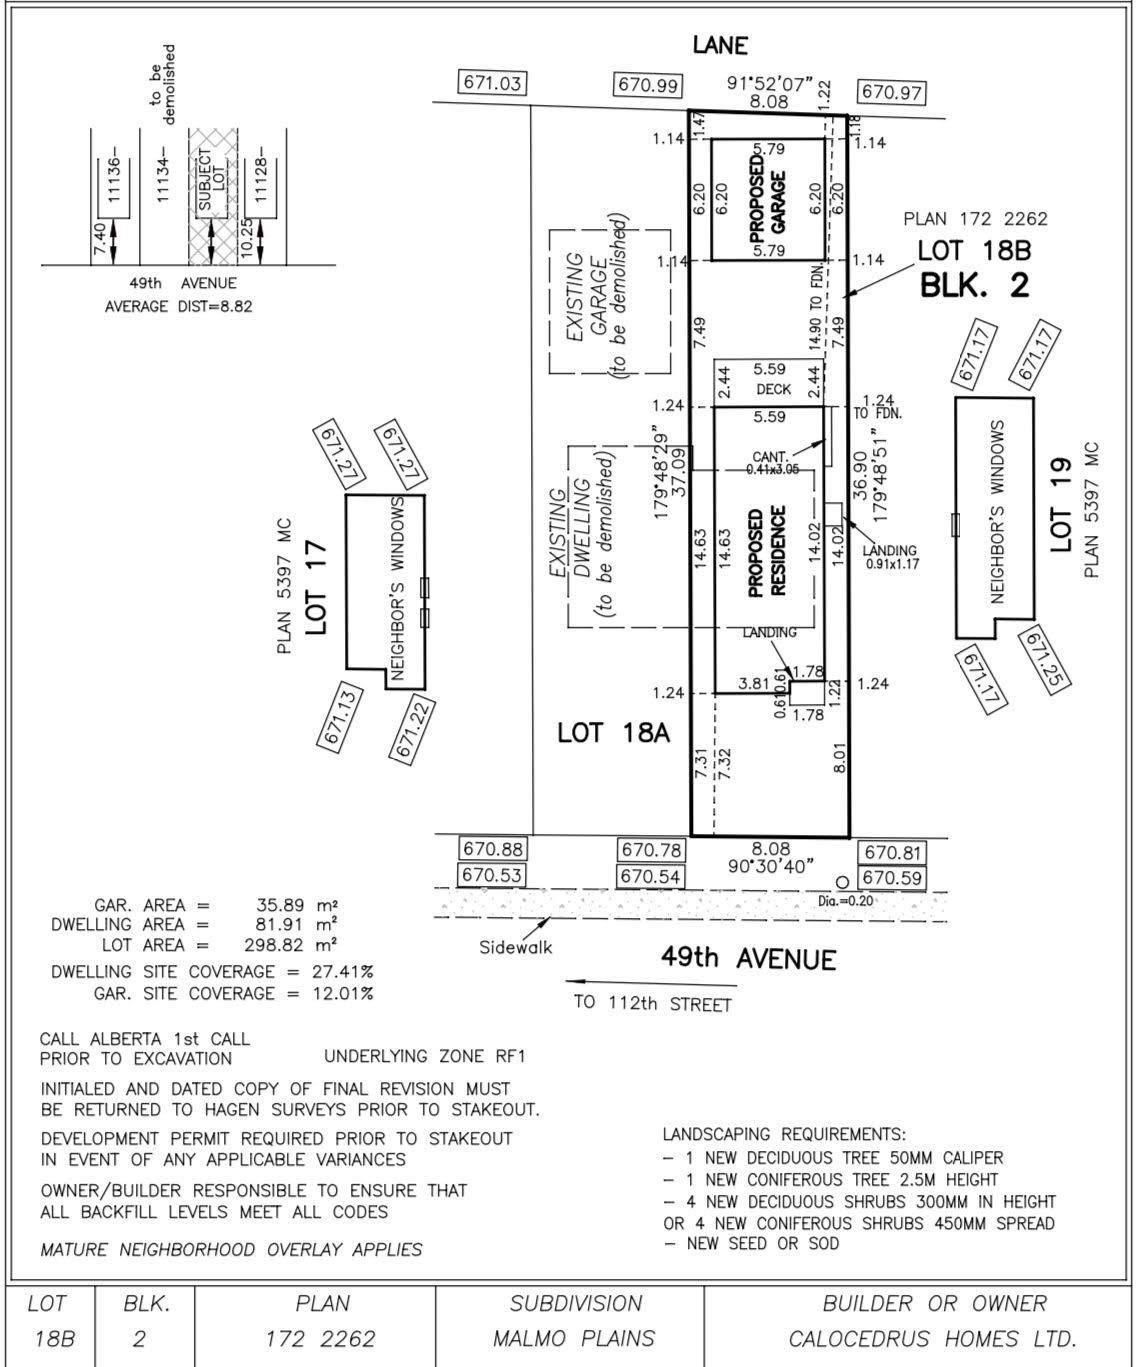 Main Photo: 11132 49 Avenue in Edmonton: Zone 15 Vacant Lot for sale : MLS®# E4249080